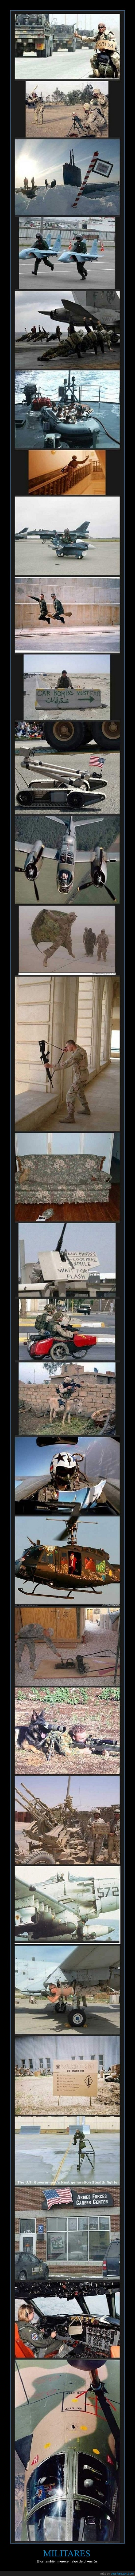 amigos,bromas,diversión,guerra,milicia,militares,países,soldados